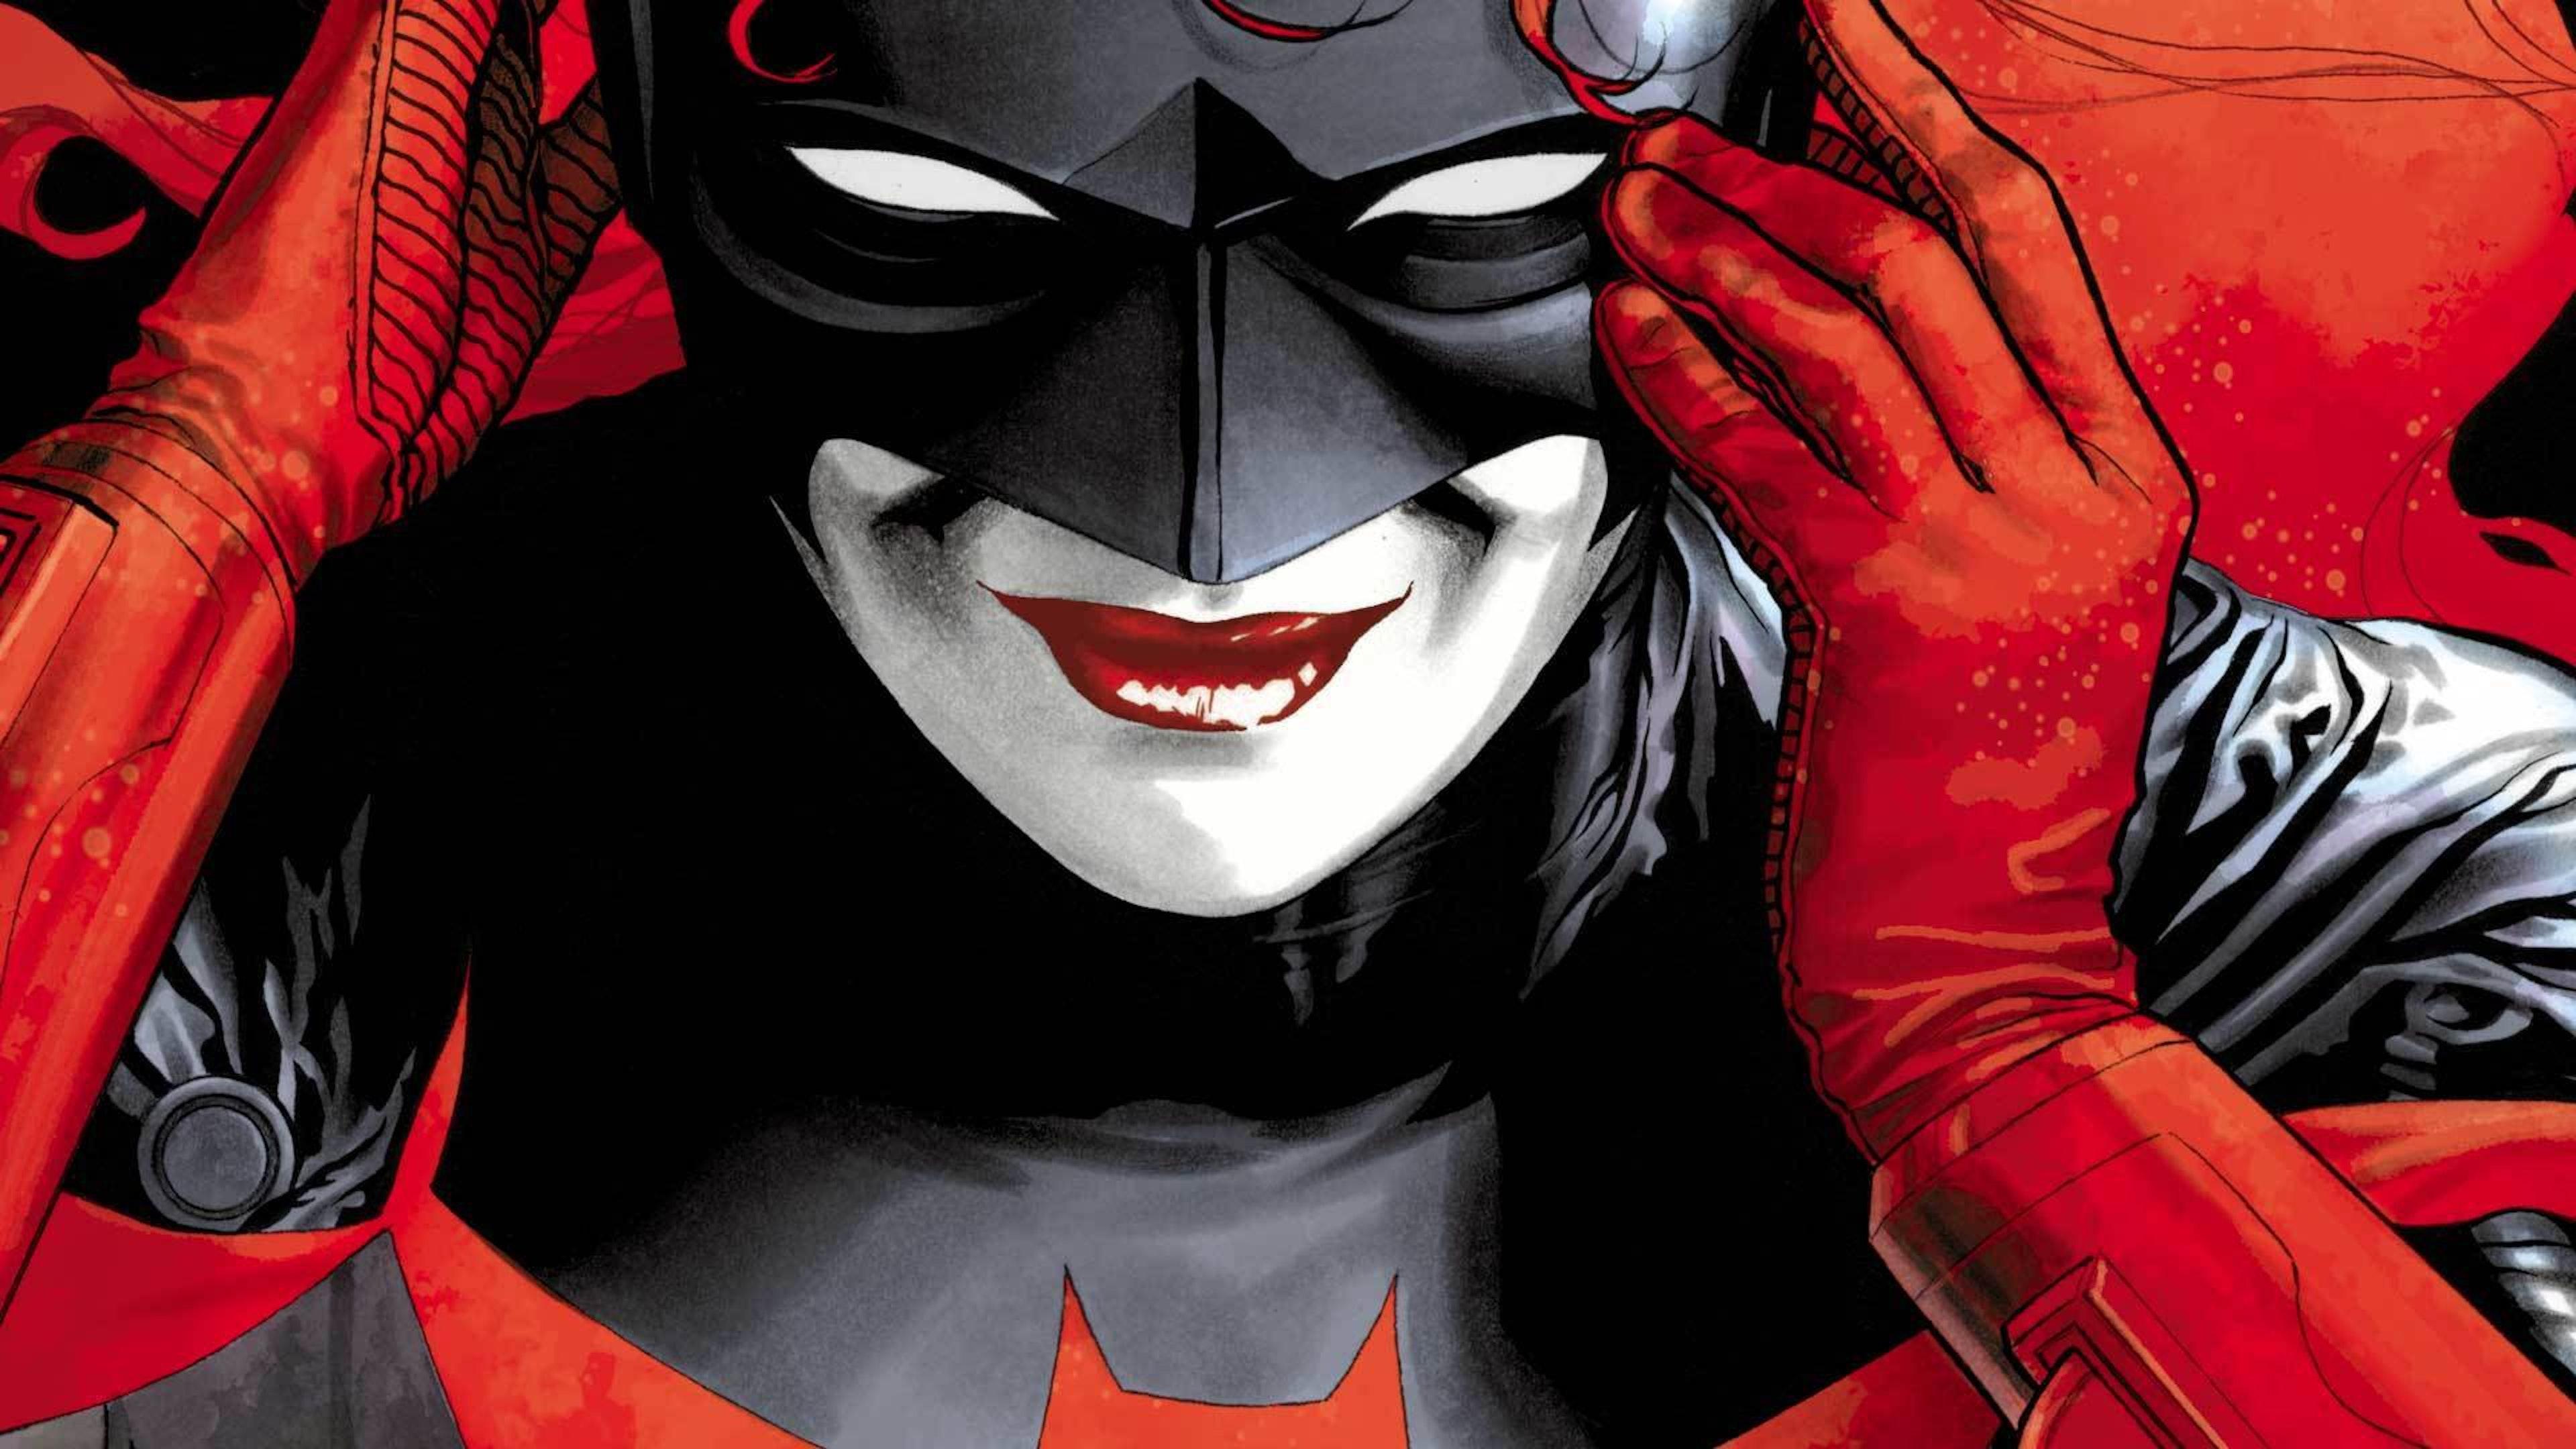 Kate Kane as Batwoman